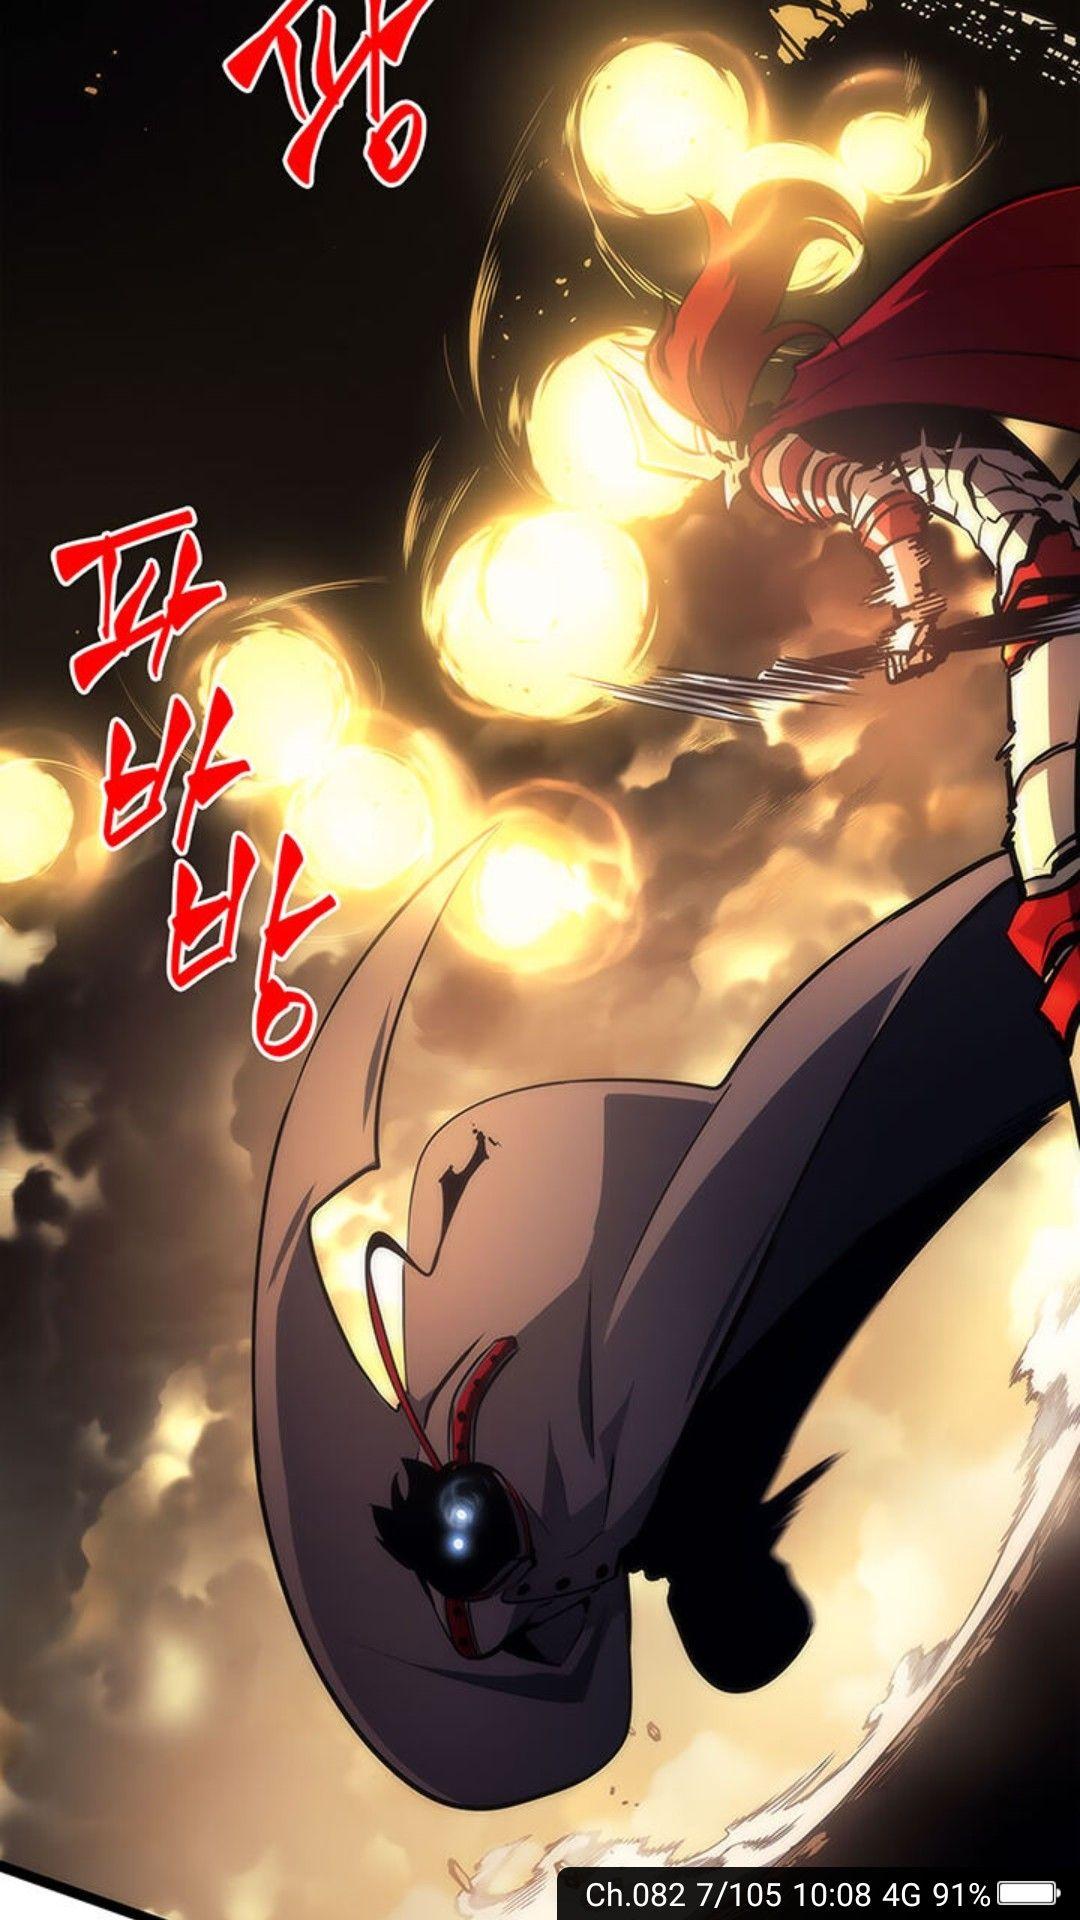 Pin de Bruce Ferix em solo leveling Anime, Desenhos